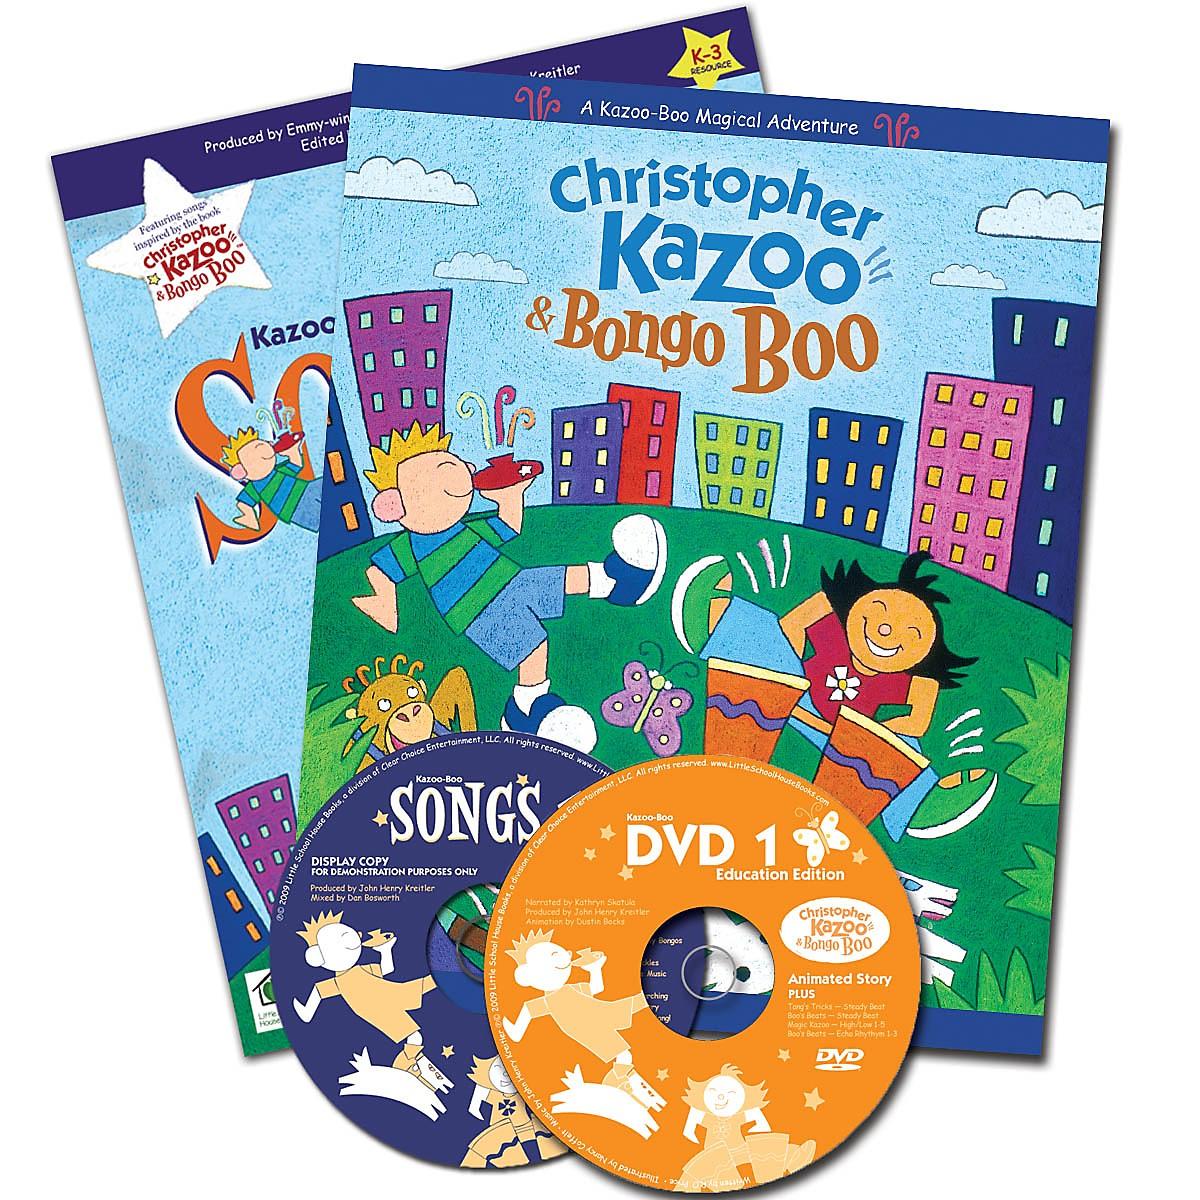 Artz Smartz Kazoo-Boo Complete Kit (Storybook, DVD, Songbook, CD & Activities for Pre-K & K-3) by John Henry Kreitler